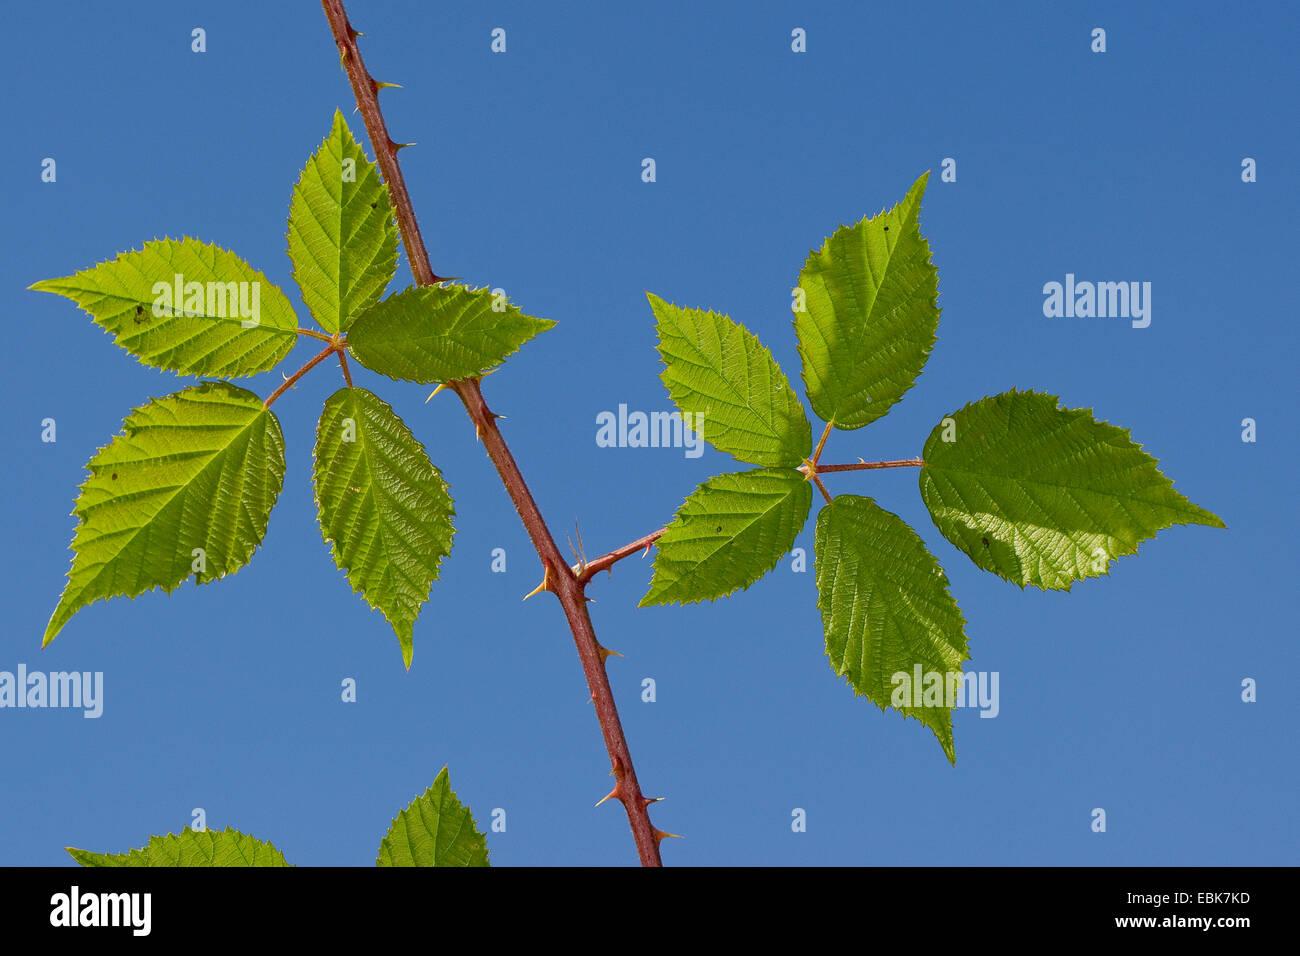 strauchige Brombeere, Heilpflanze, Heilpflanzen, Heilpflanze, Heilpflanzen, Kräuterkunde, Nutzpflanze, Nutzpflanzen, Stockbild